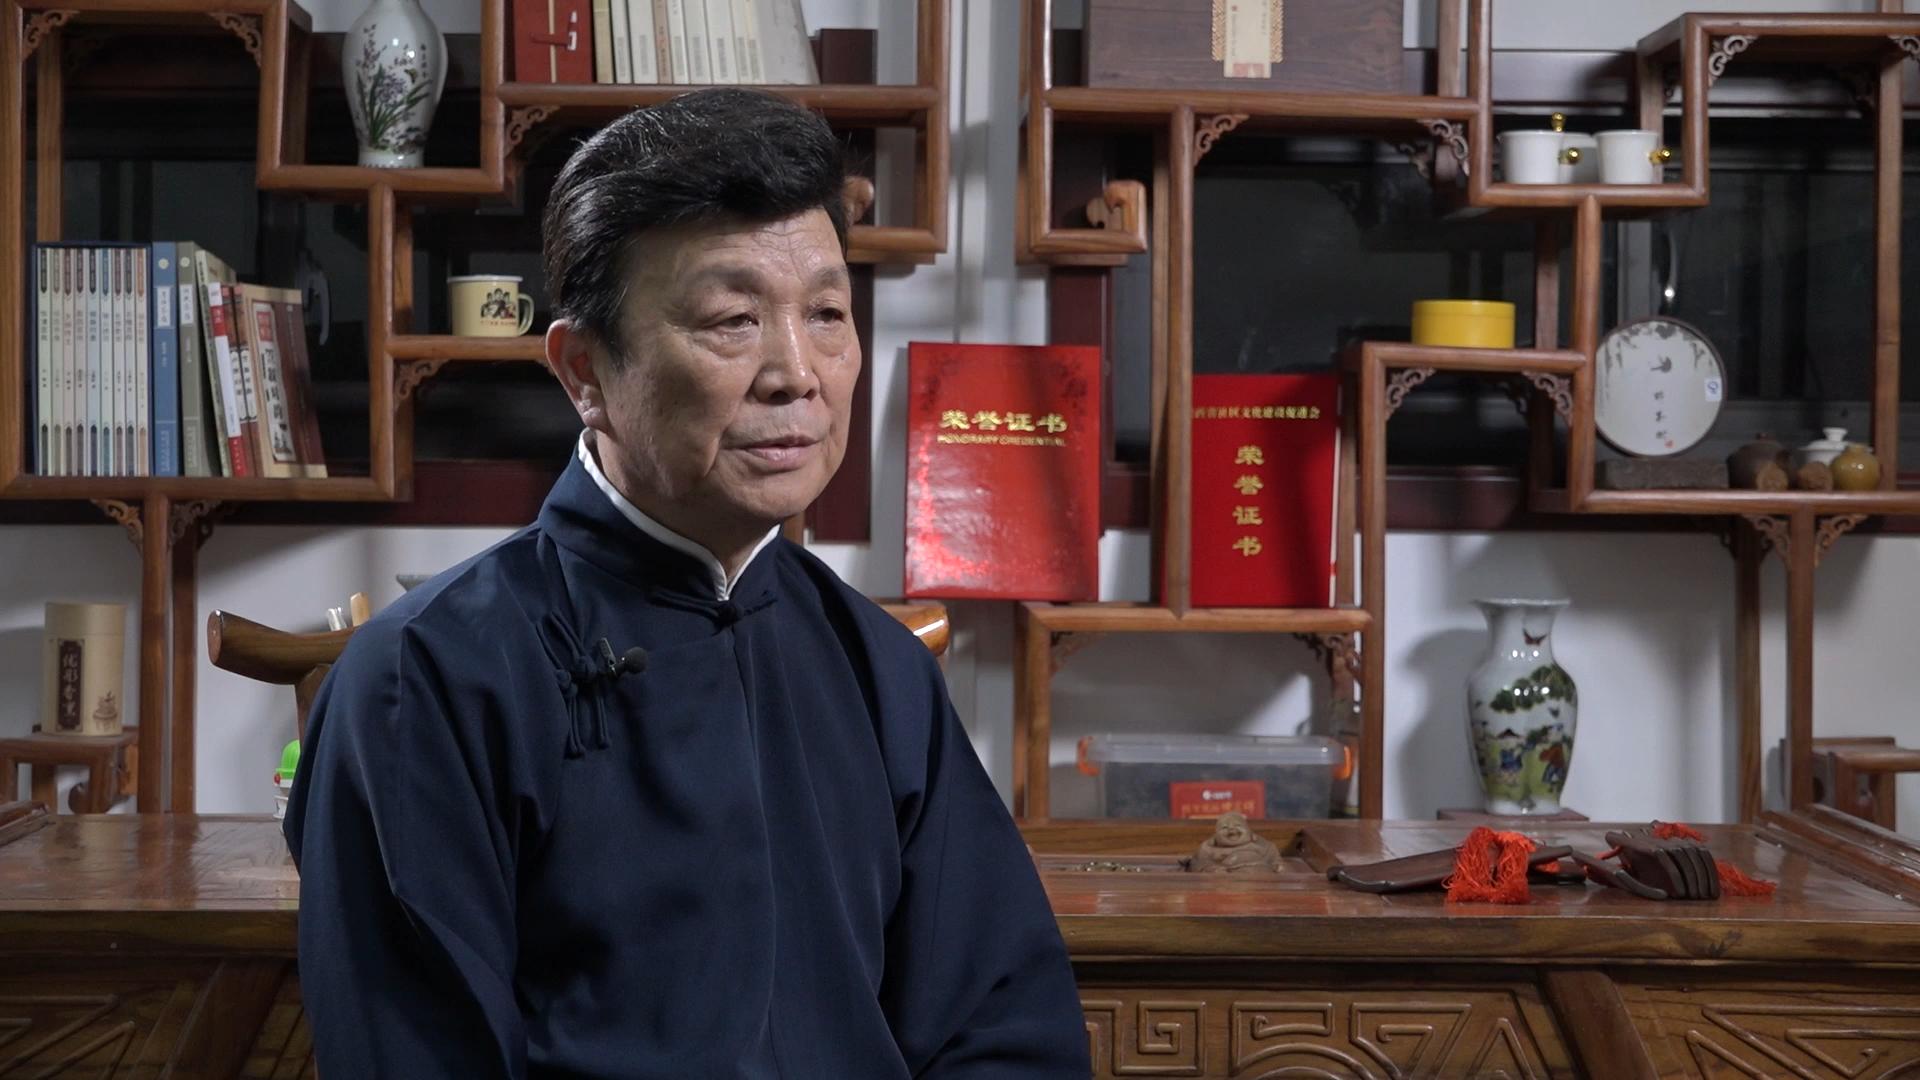 衡小珍专访:讲述心中的相声大师侯宝林